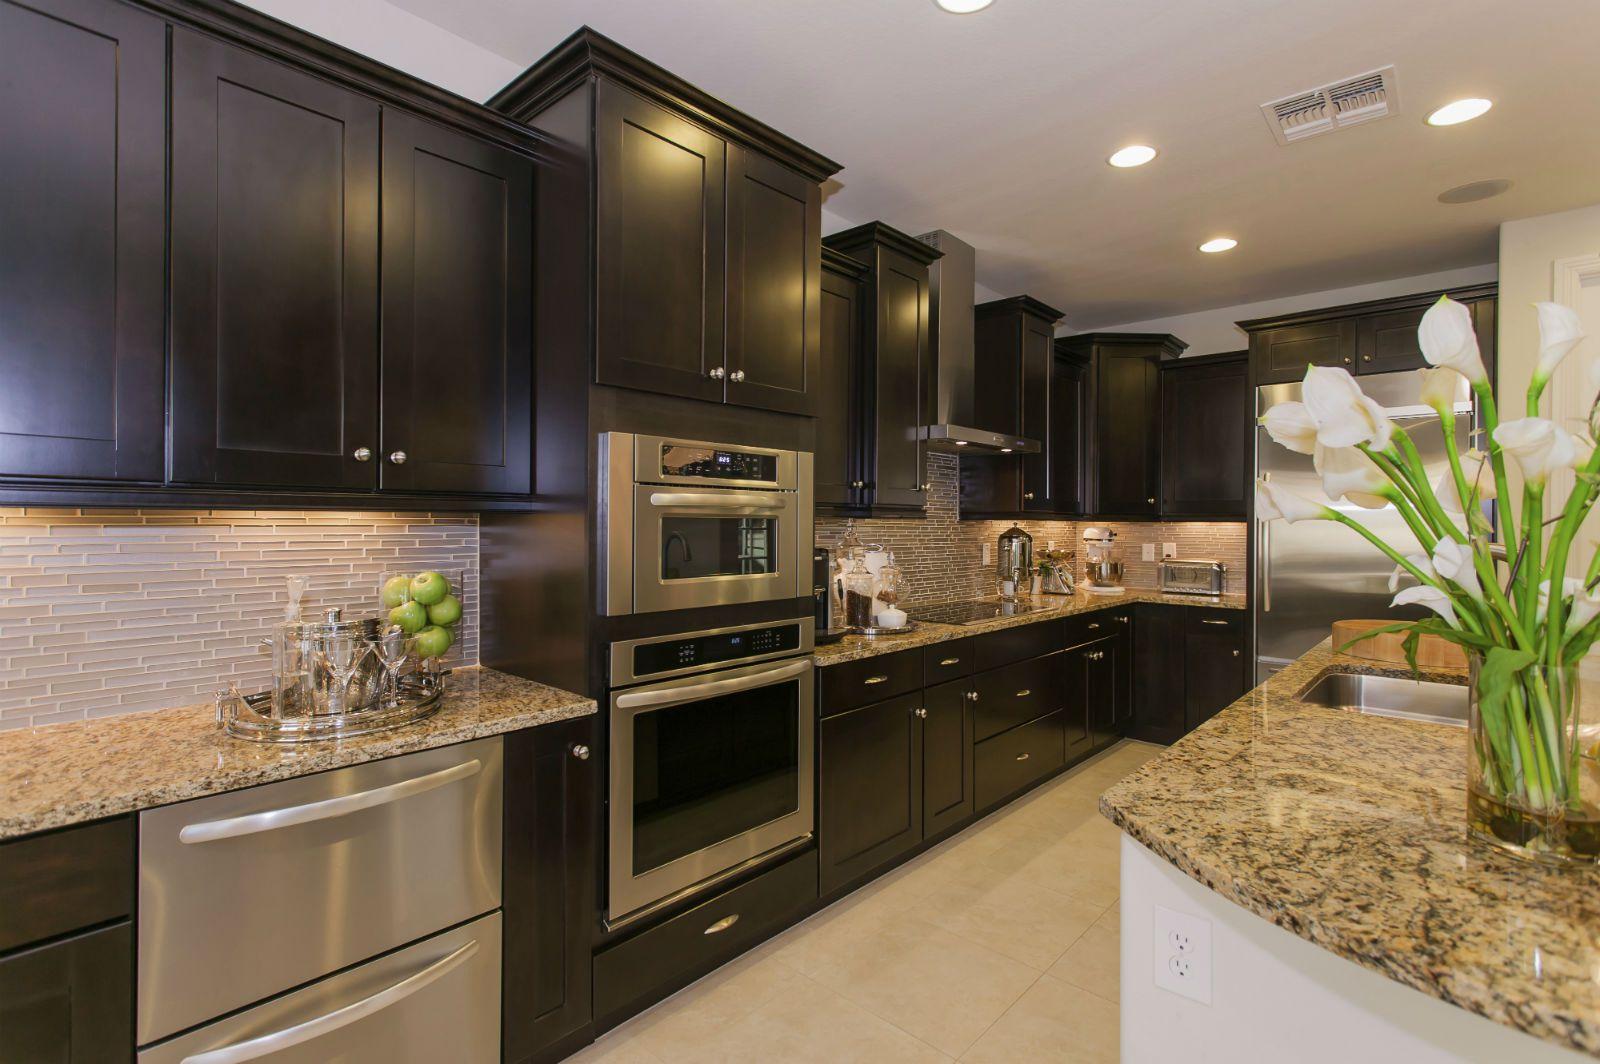 Abilene Design and Remodeling